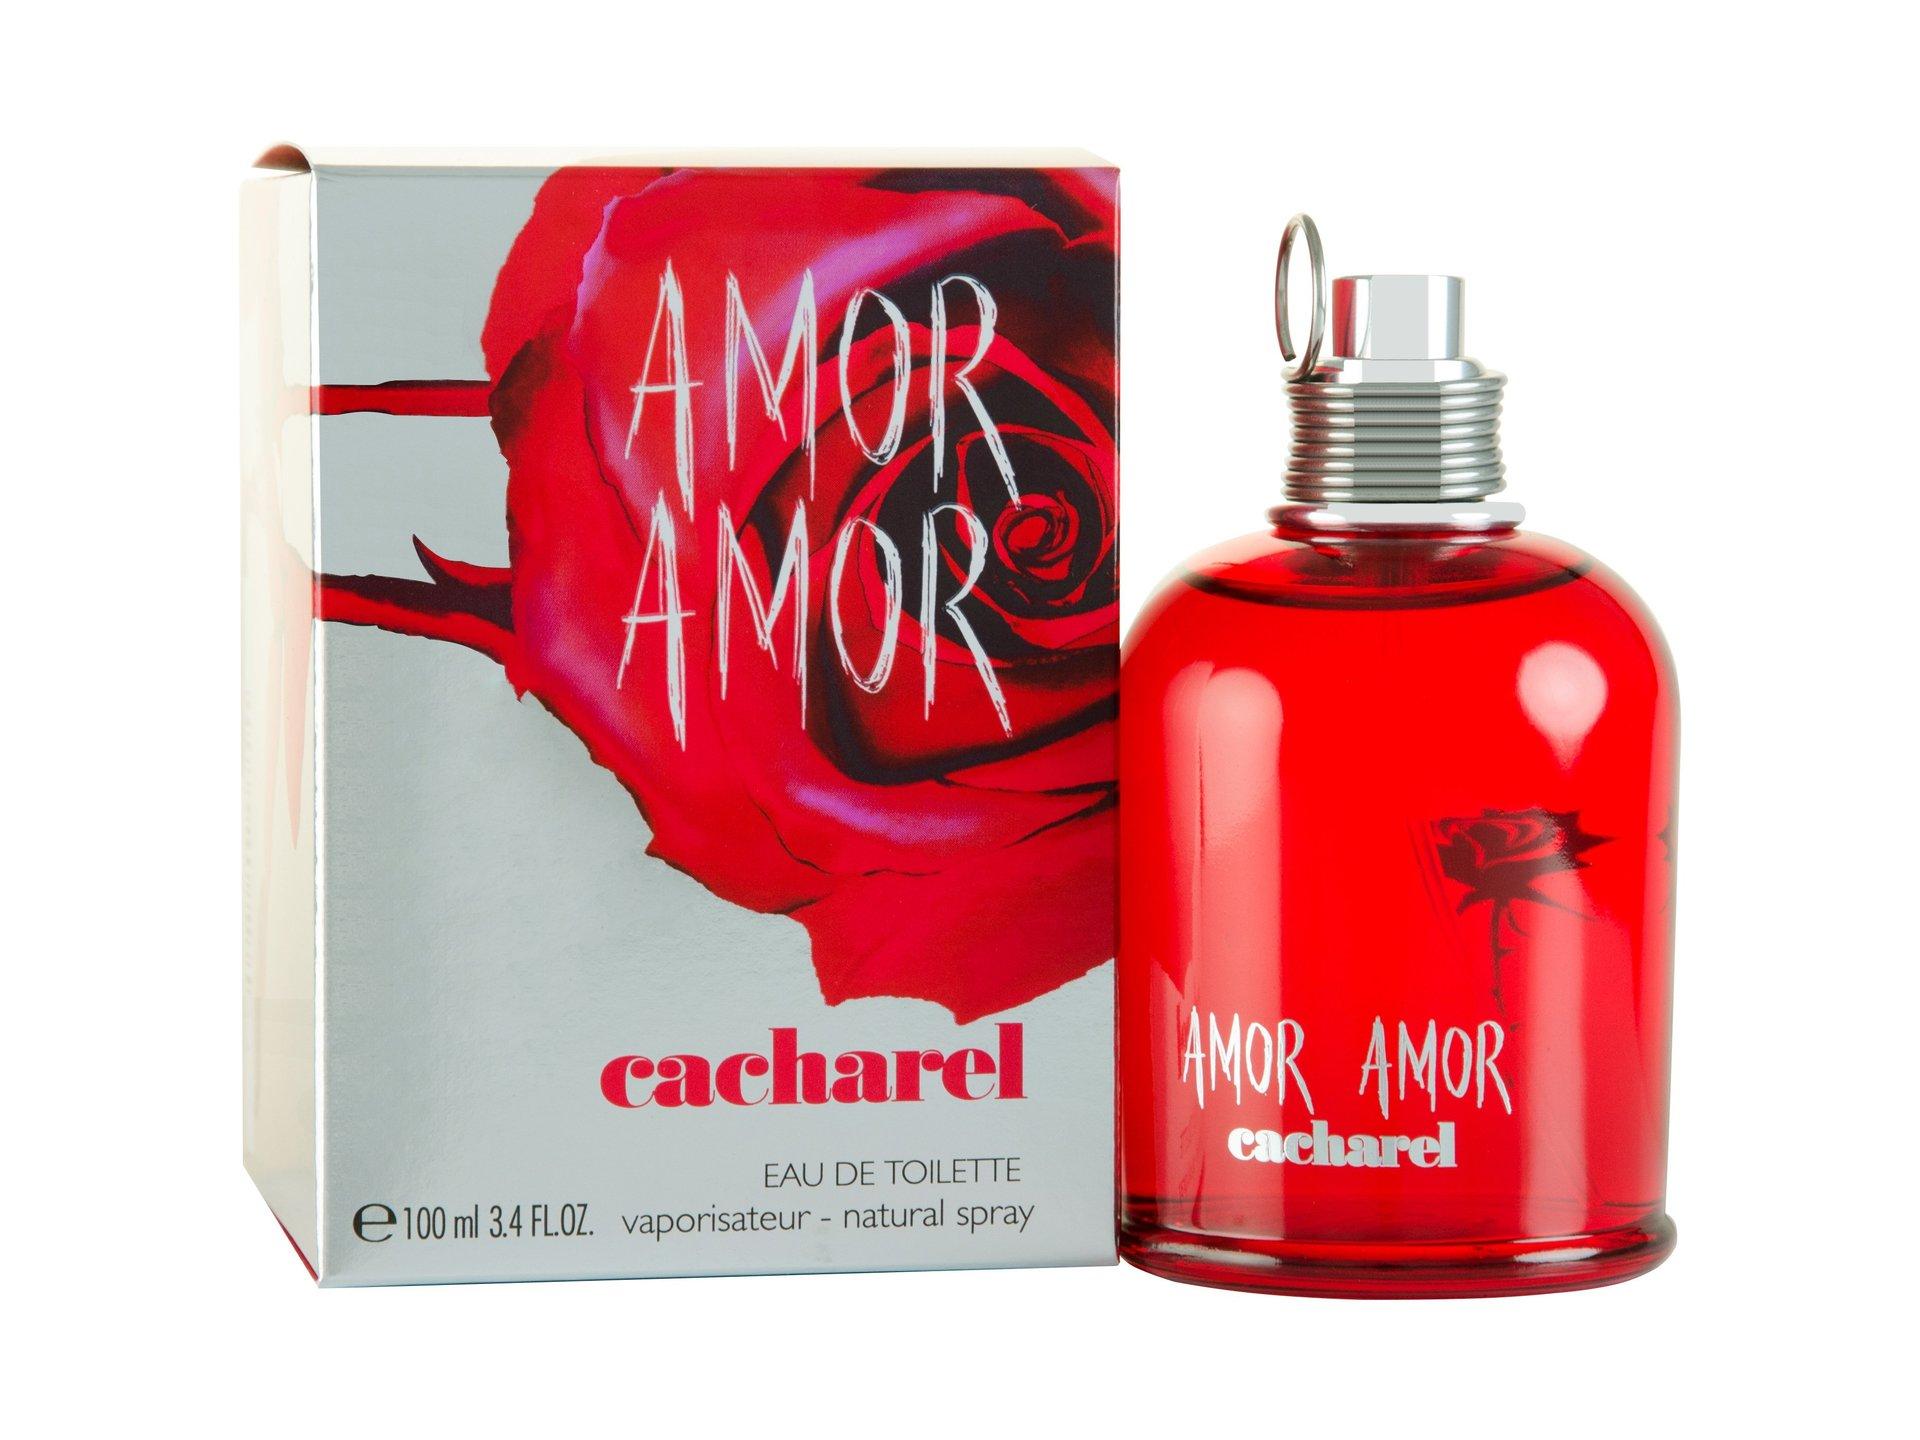 Amor Amor Edt 100ml Spray